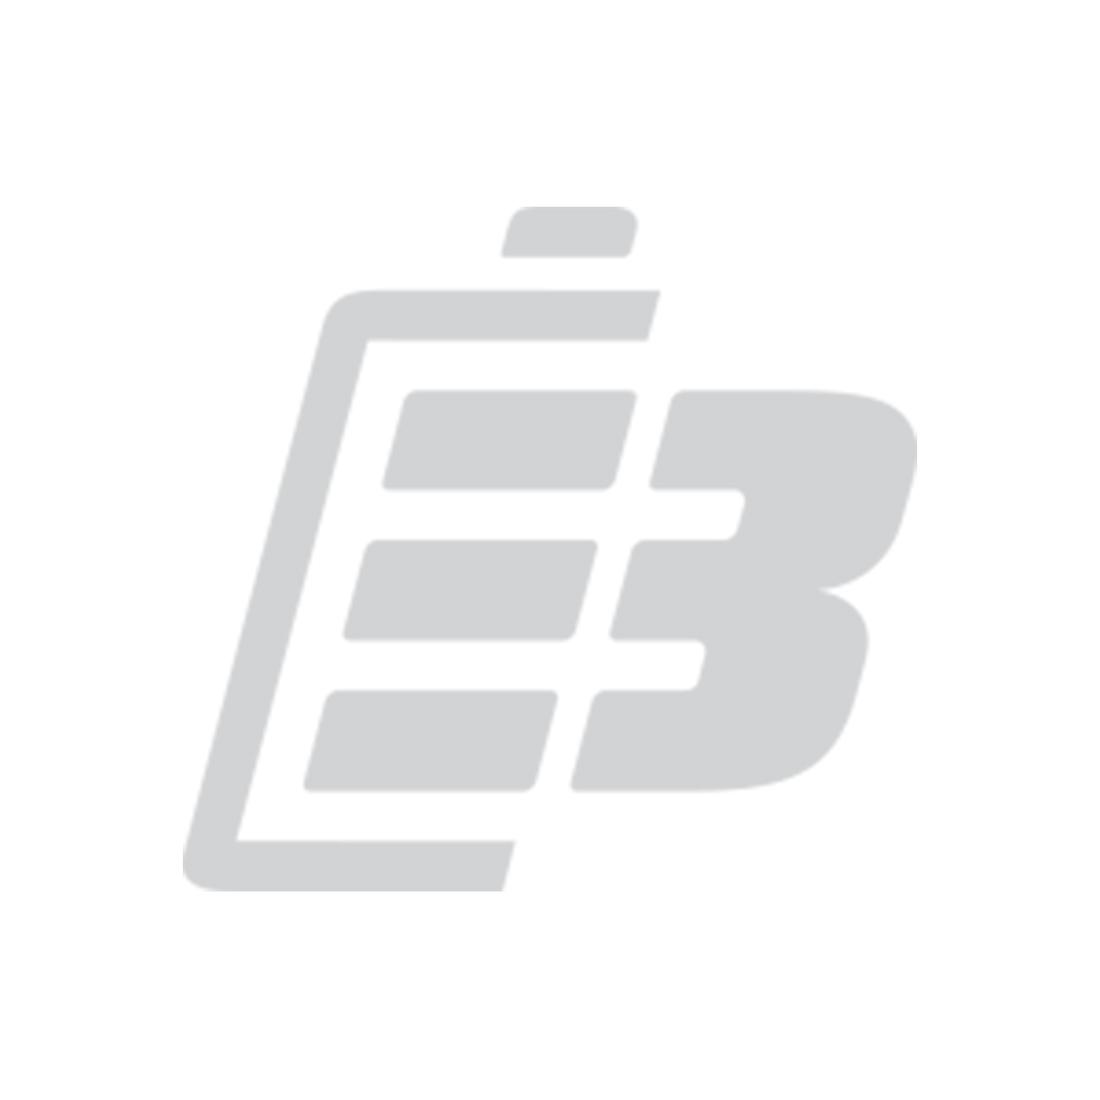 Μπαταρία κινητού τηλεφώνου Motorola V600_1